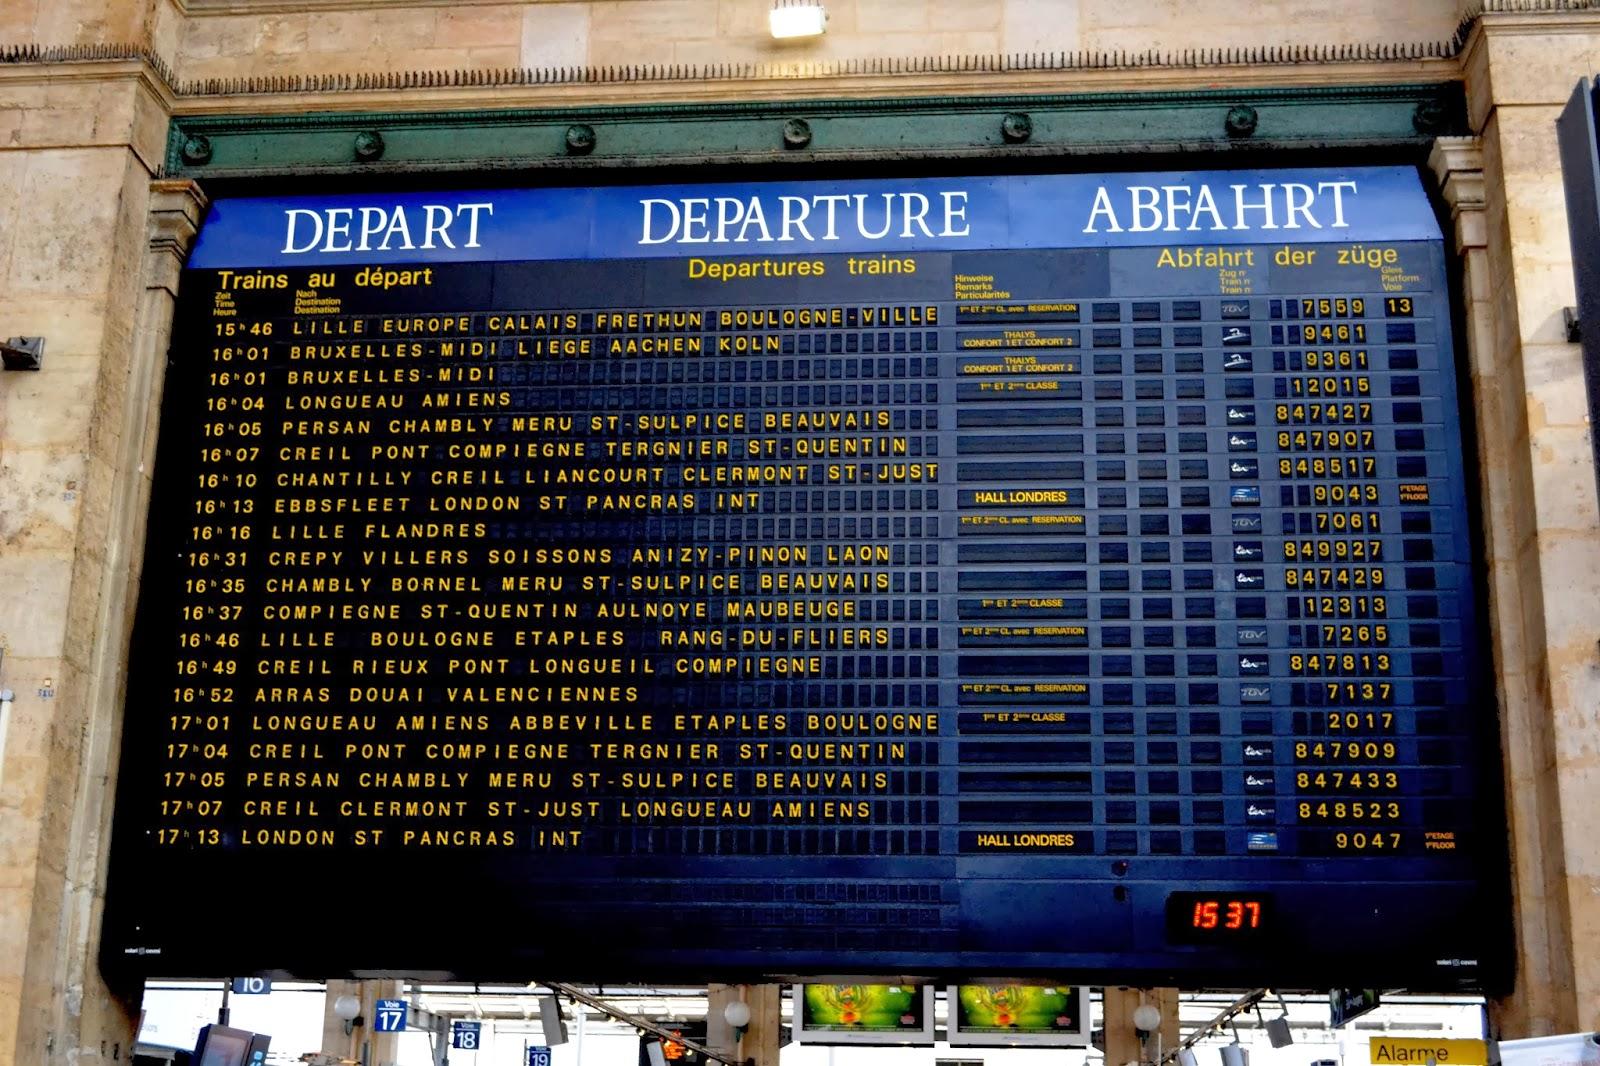 Departure Board at Gare du Nord, Paris